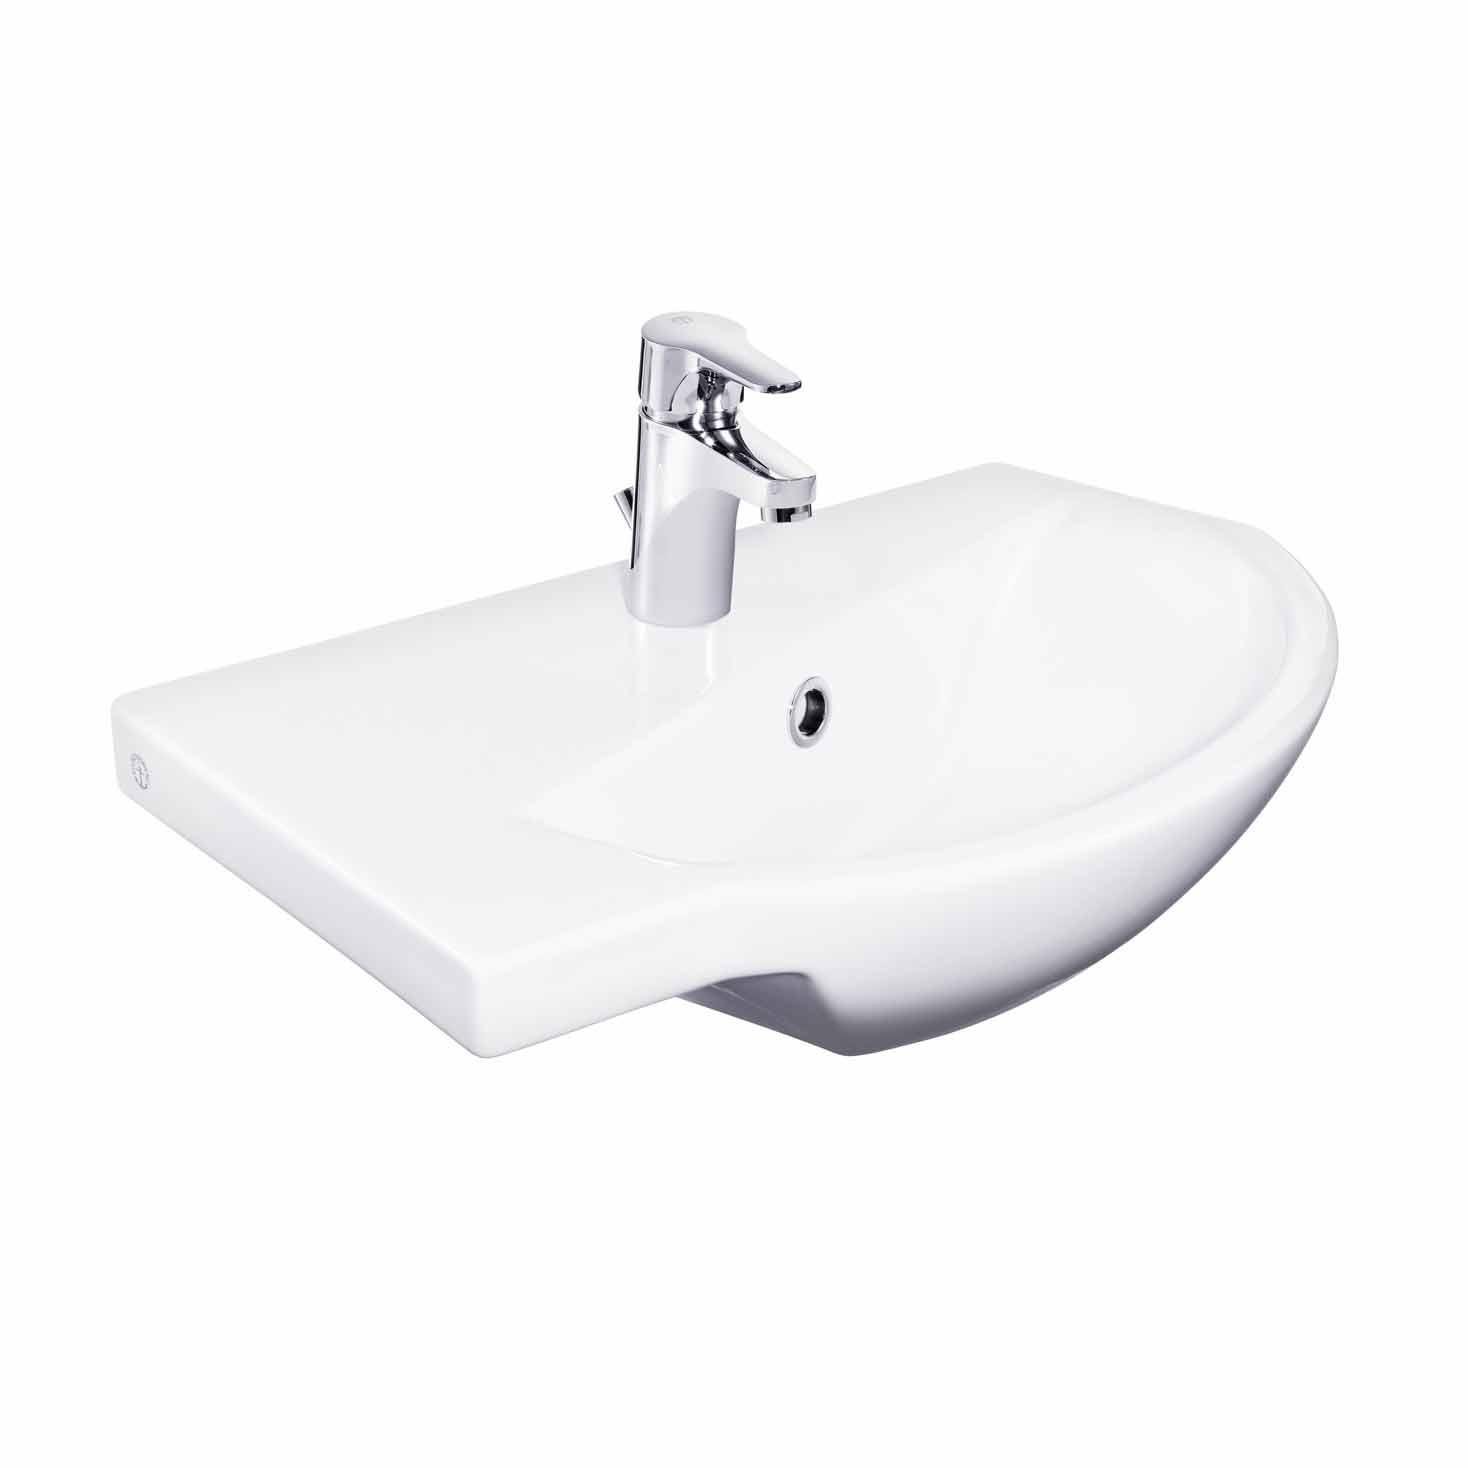 Tvättställ Gustavsberg Logic 5198